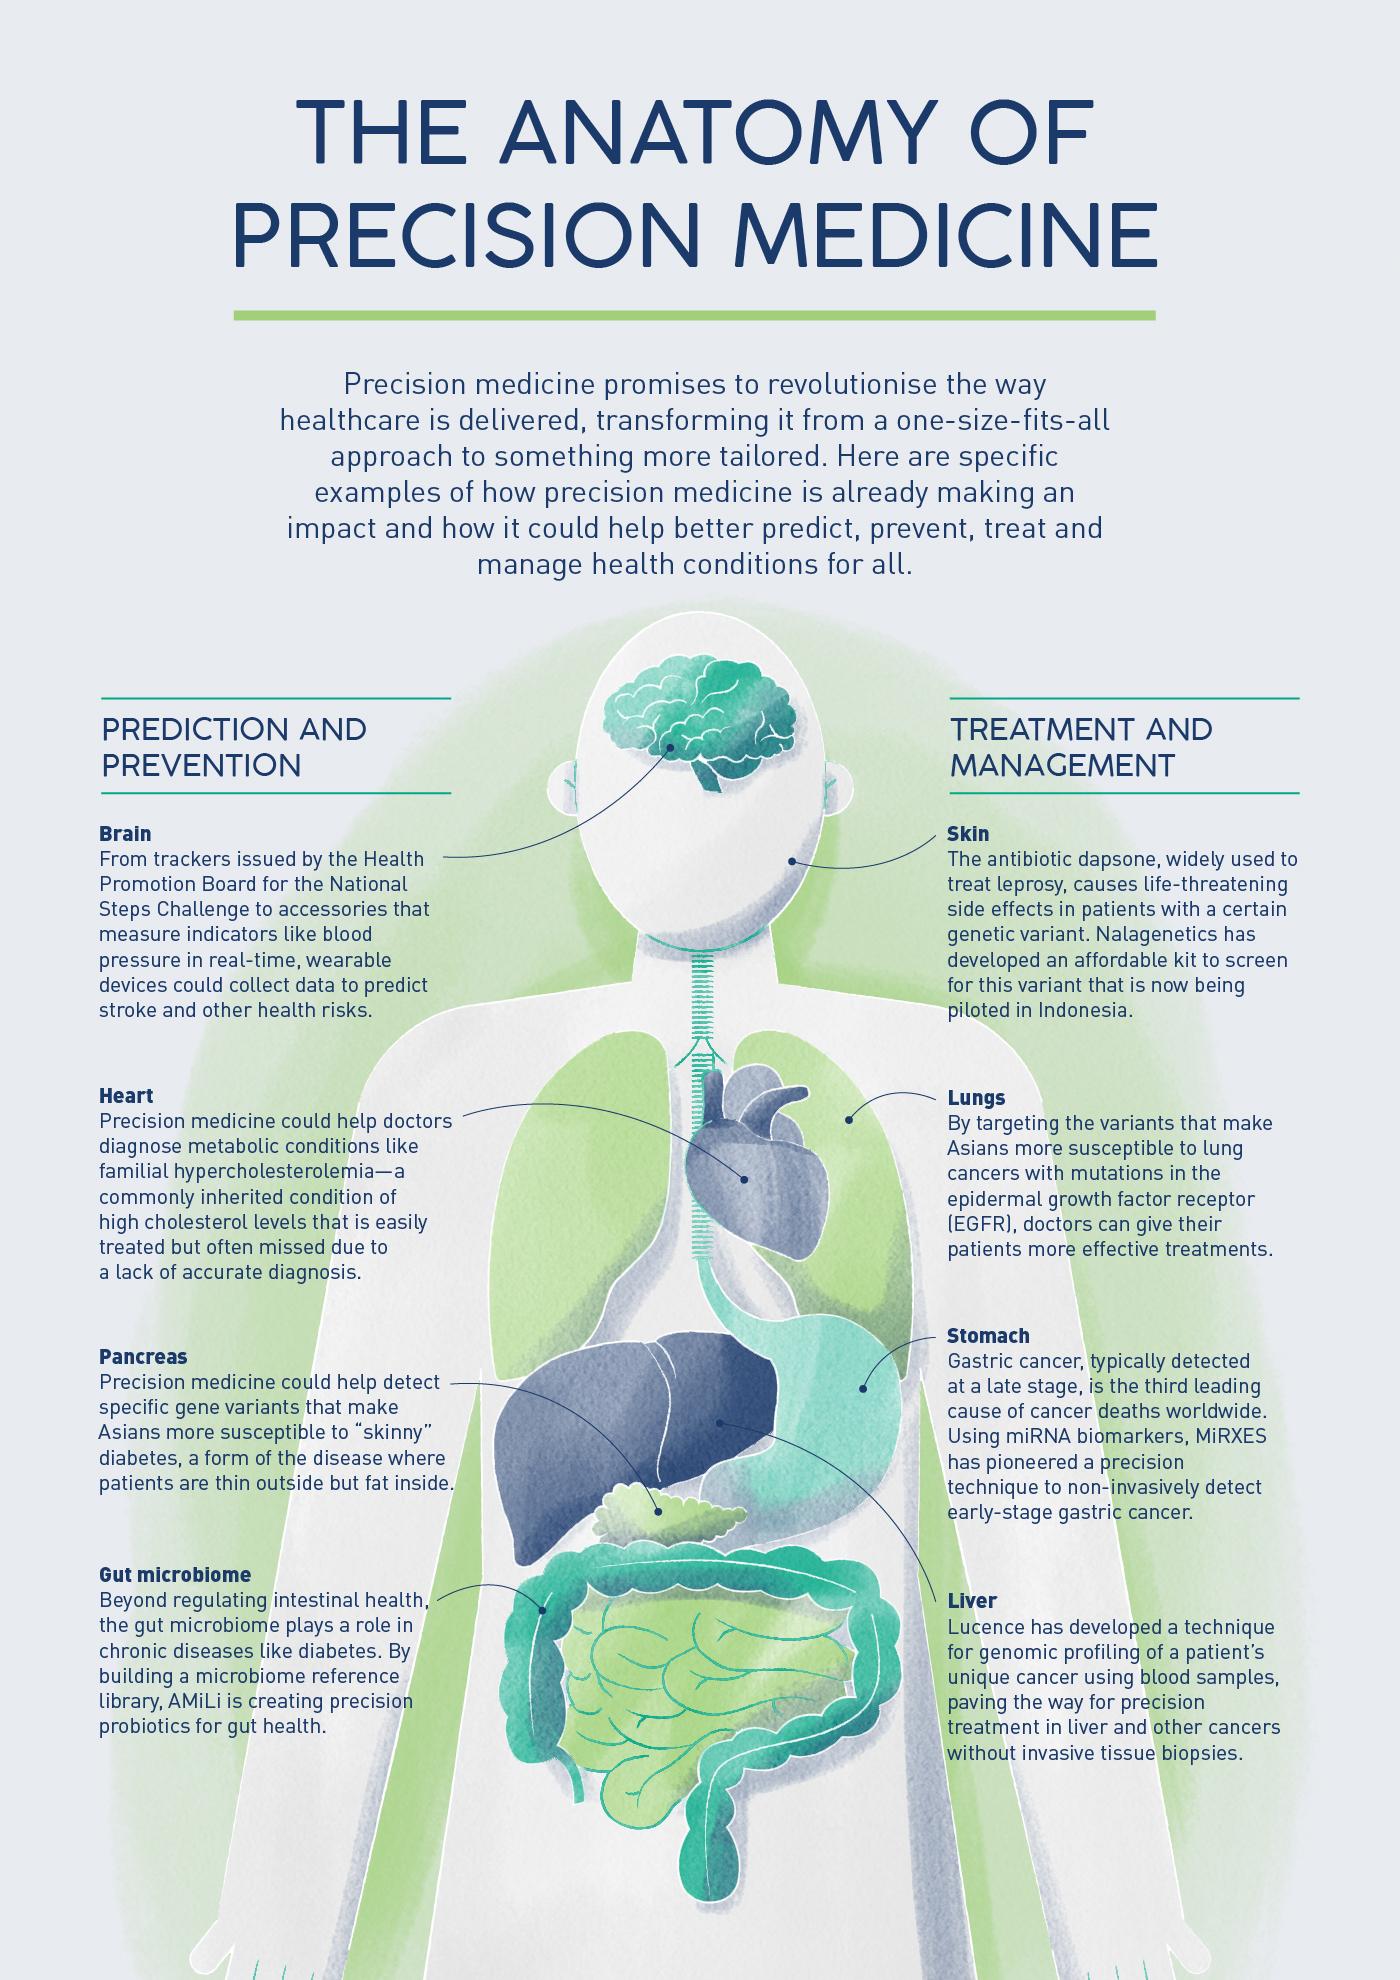 The Anatomy of Precision Medicine